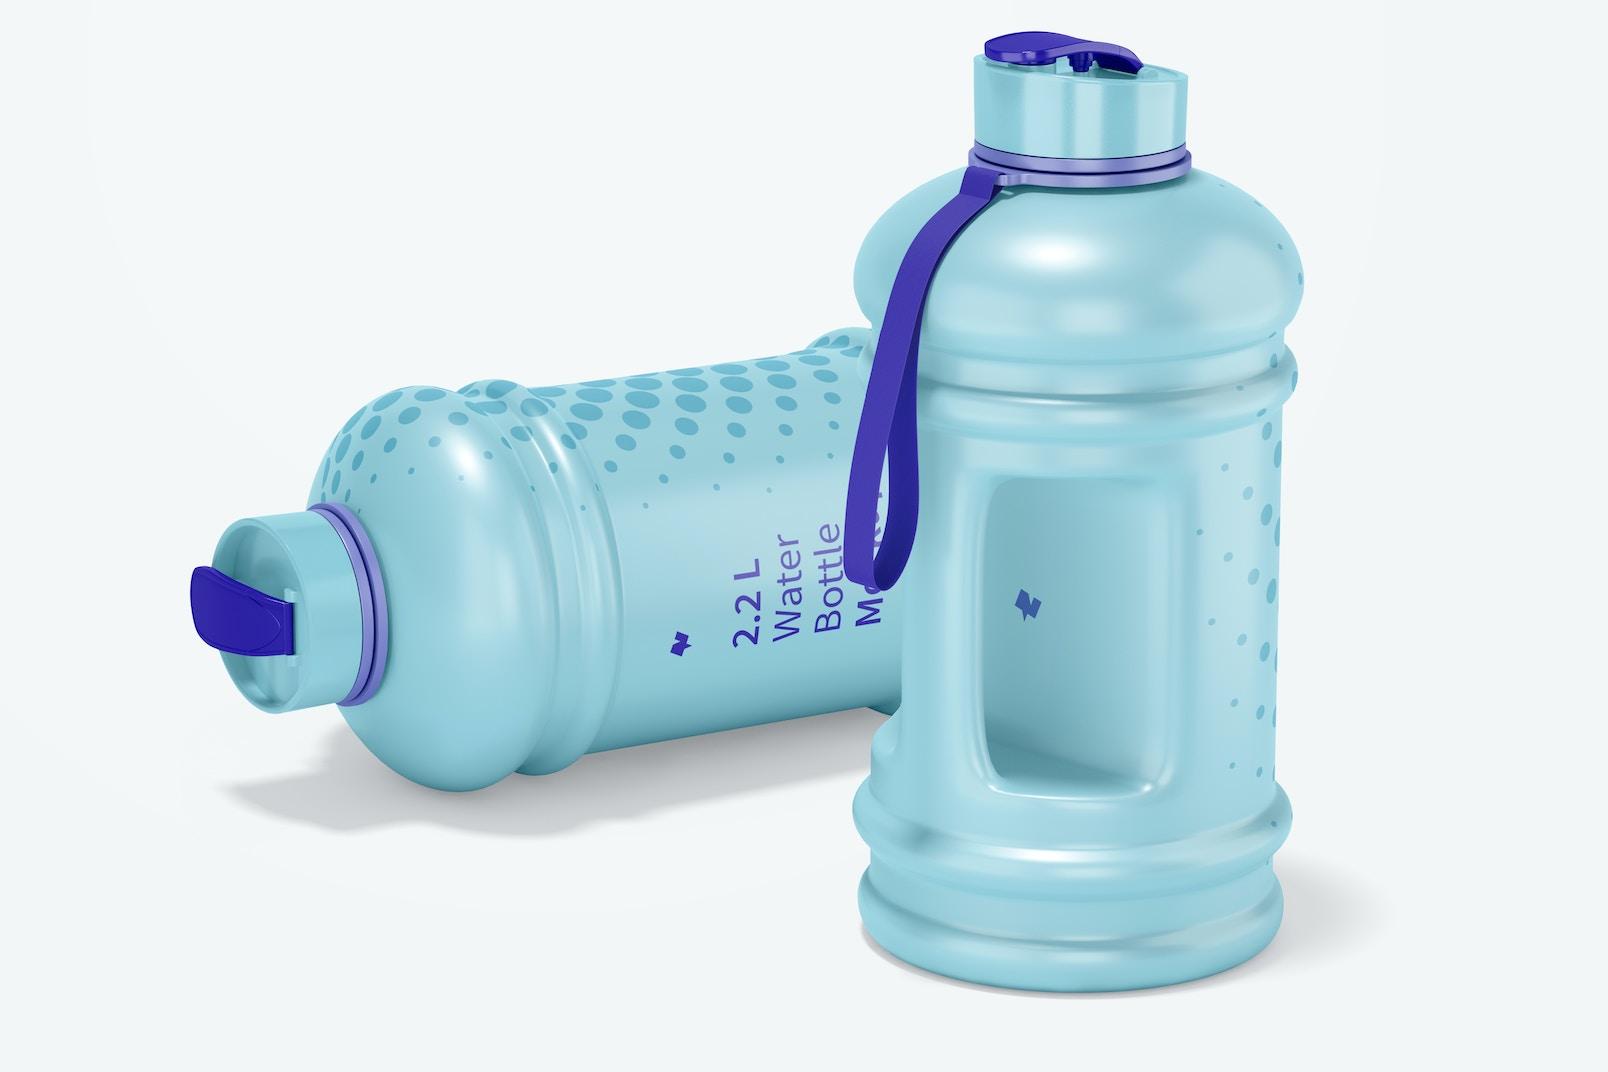 2.2 L Water Bottle Mockup, Dropped